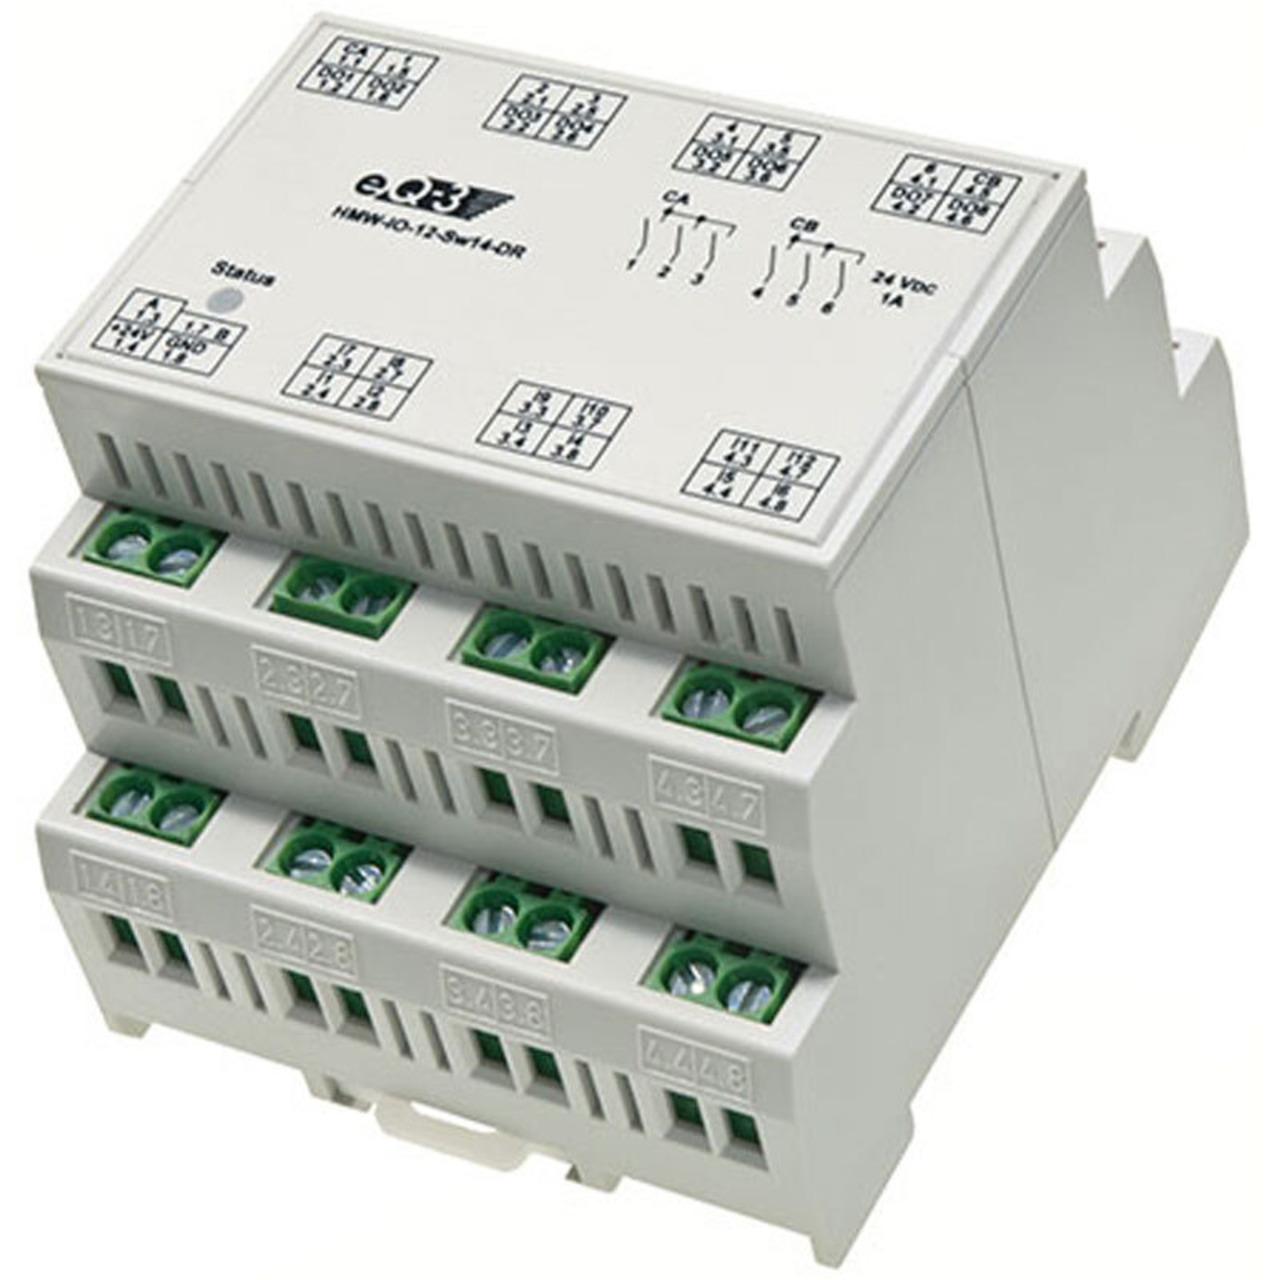 ELV Homematic Komplettbausatz Wired I-O-Board RS485- 12 Eingänge- 14 Ausgänge HMW-IO-12-Sw14-DR